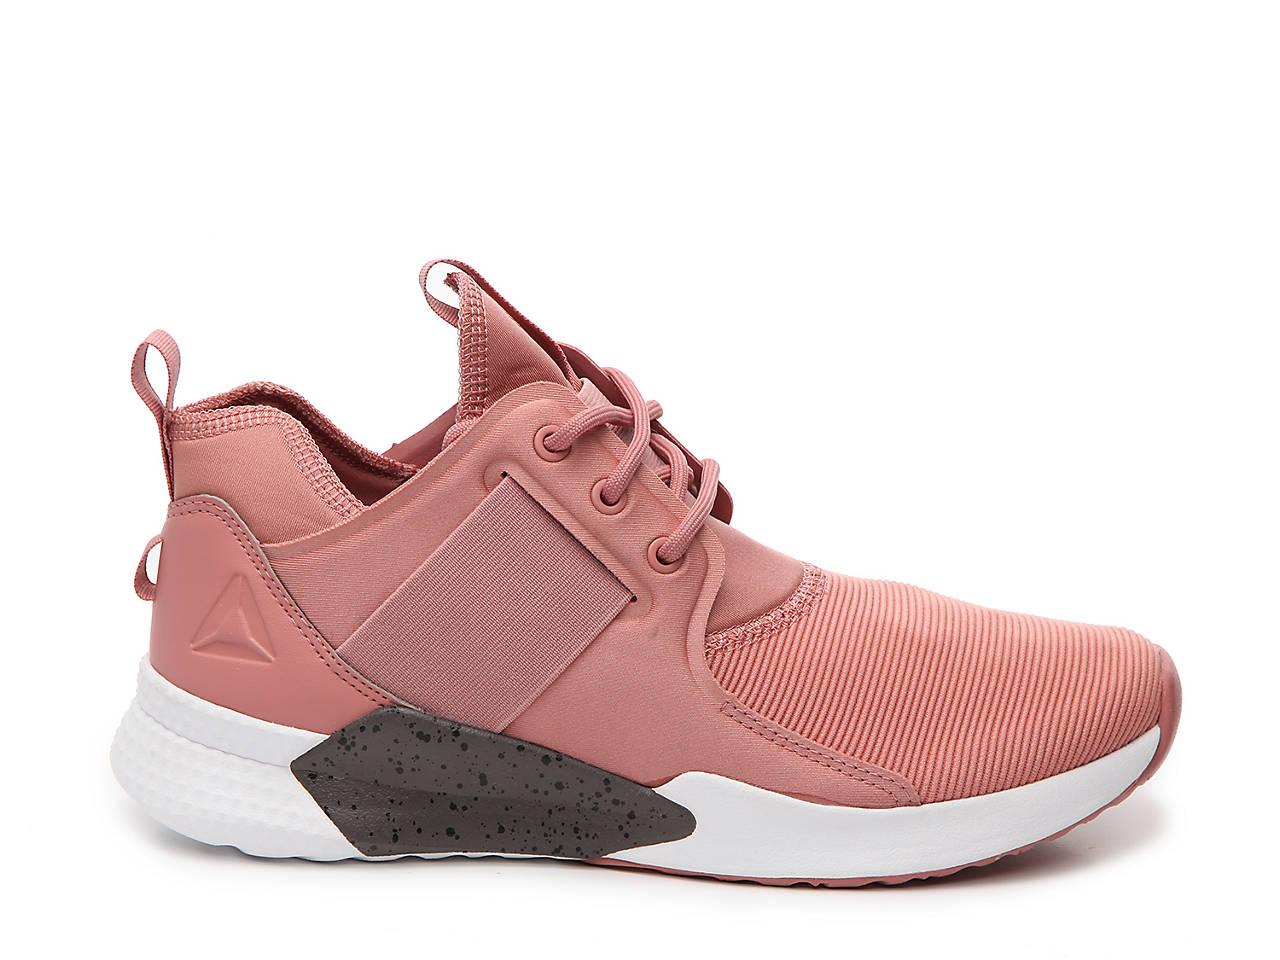 df358a36539c Reebok Guresu 1.0 Training Shoe - Women s Women s Shoes